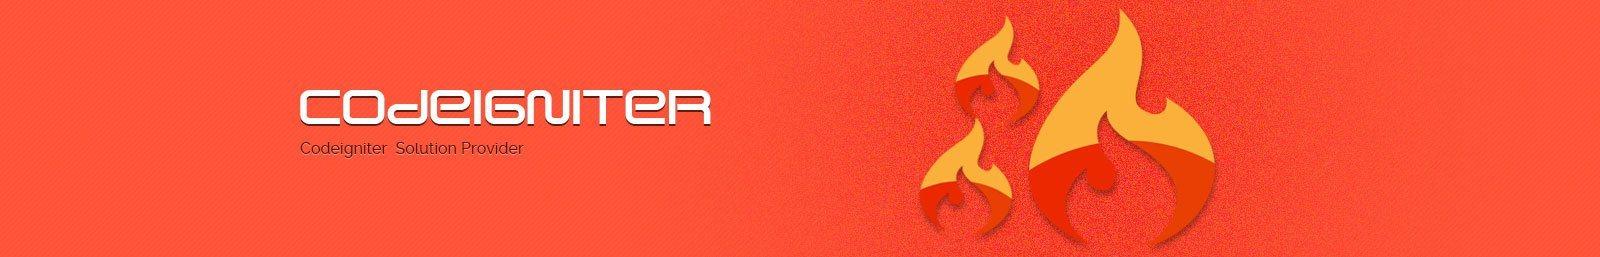 codeigniter-banner